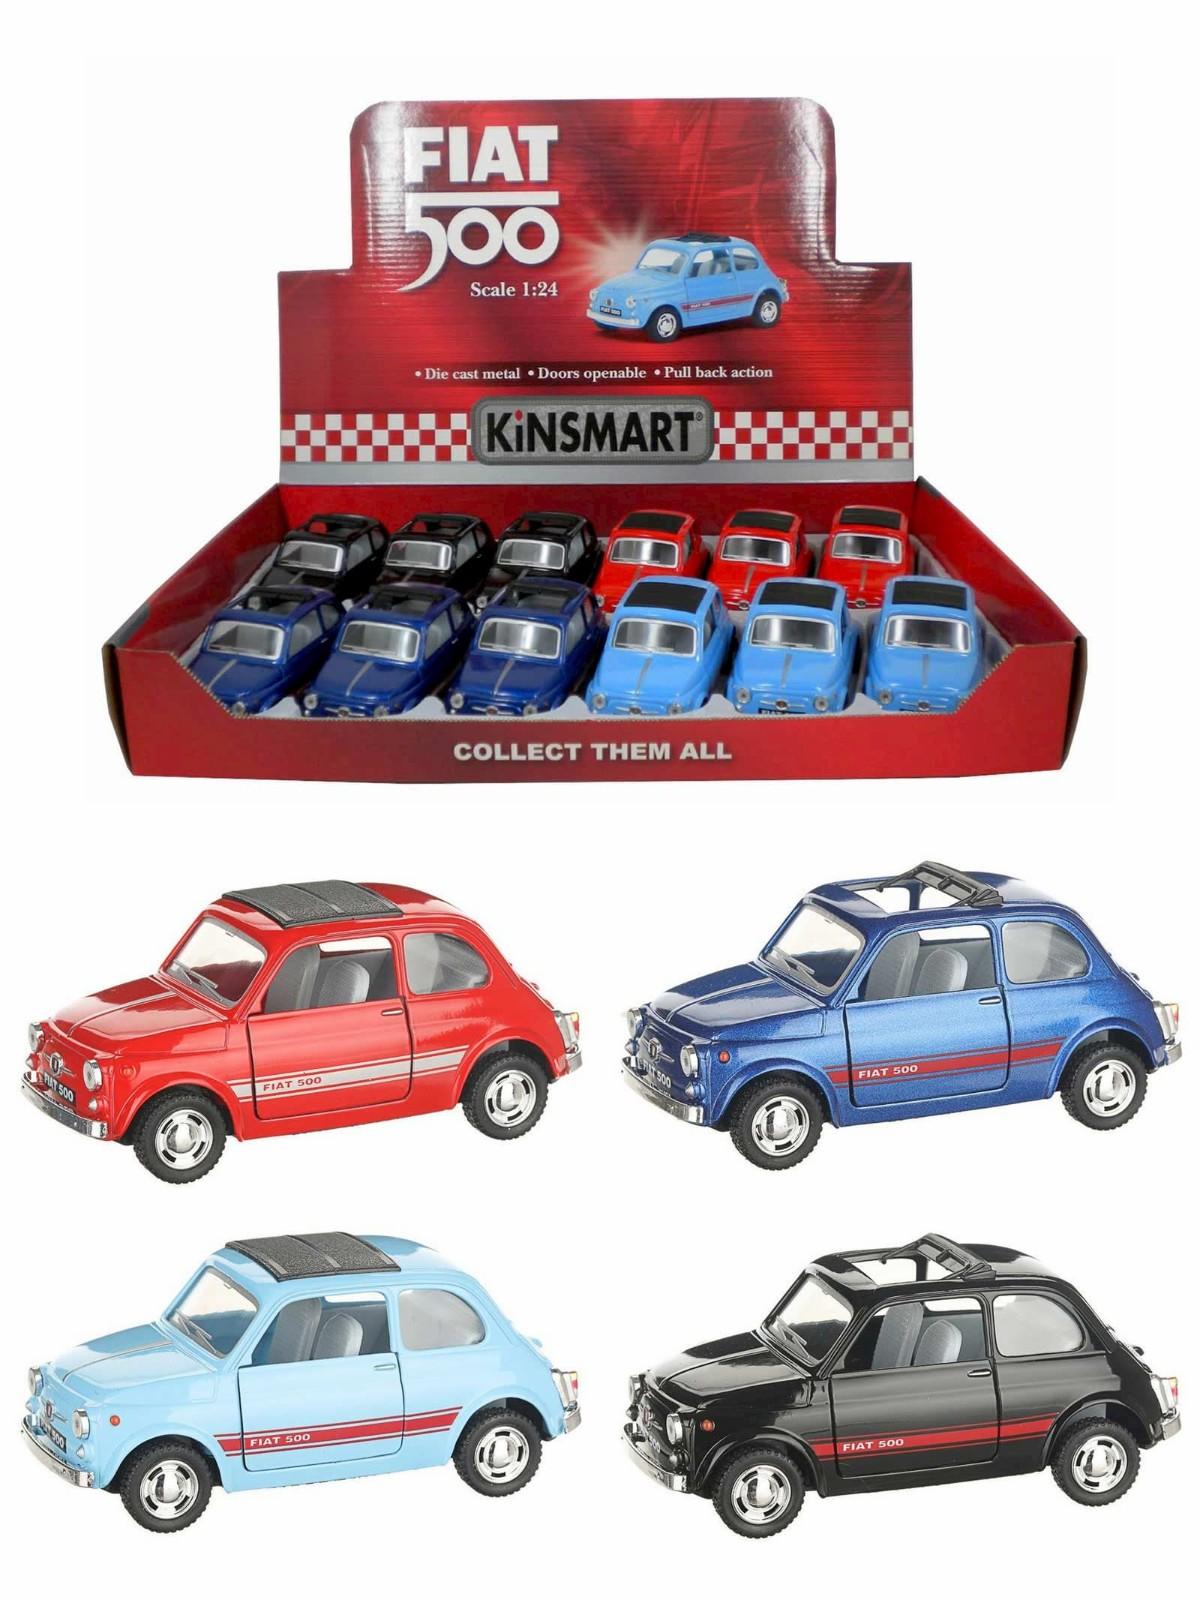 Металлическая машинка Kinsmart 1:24 «Fiat 500» KT5004D, инерционная / Микс